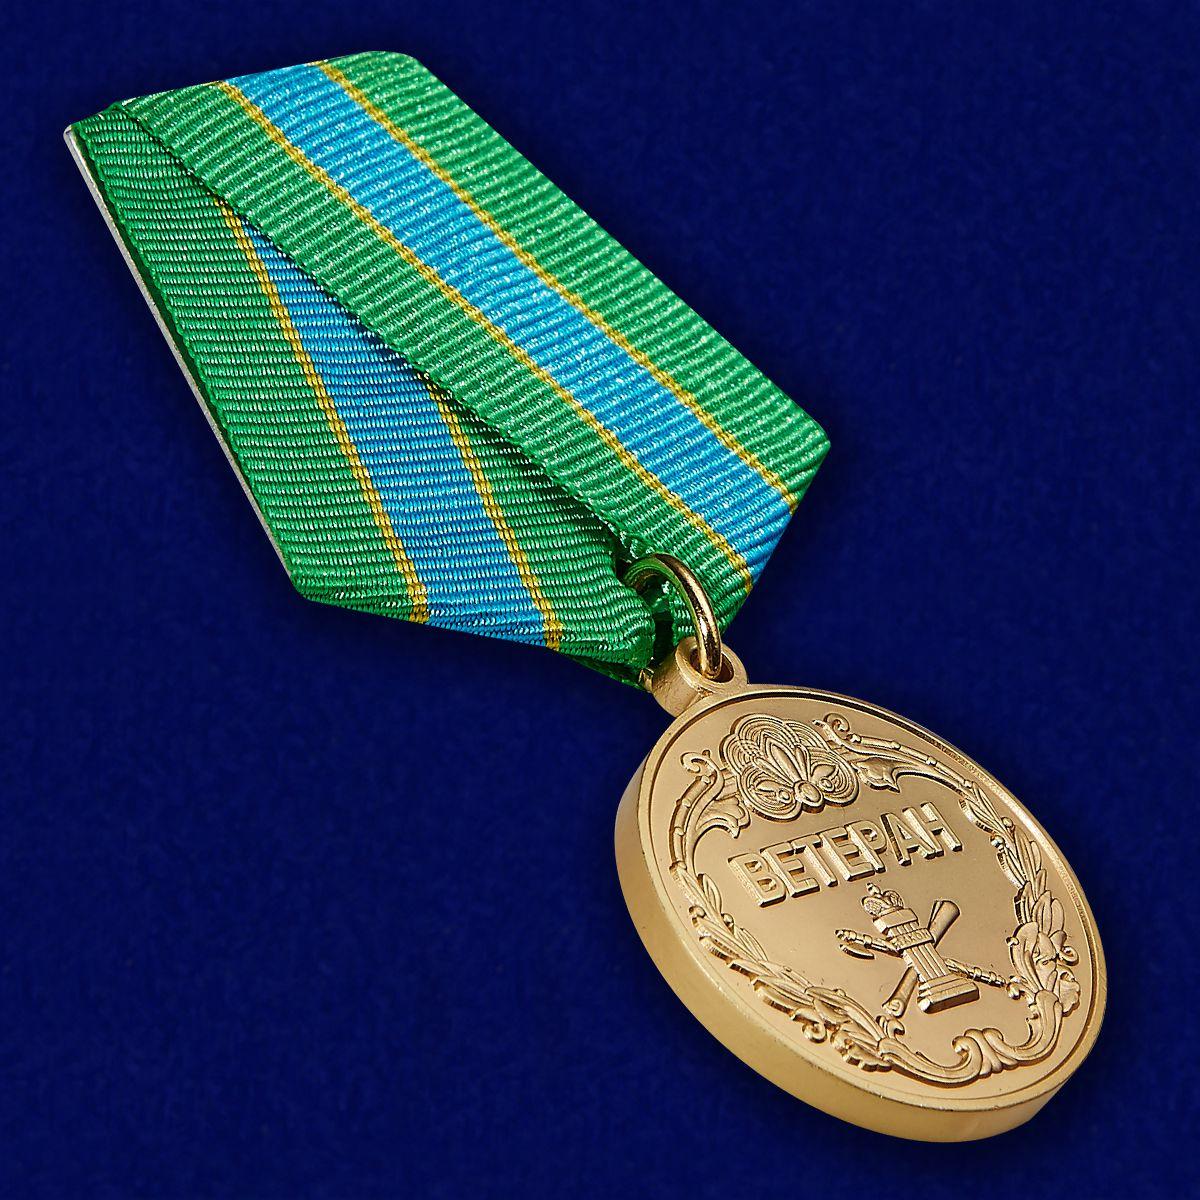 Медаль Ветерану ФССП в нарядном бархатистом футляре из флока - общий вид